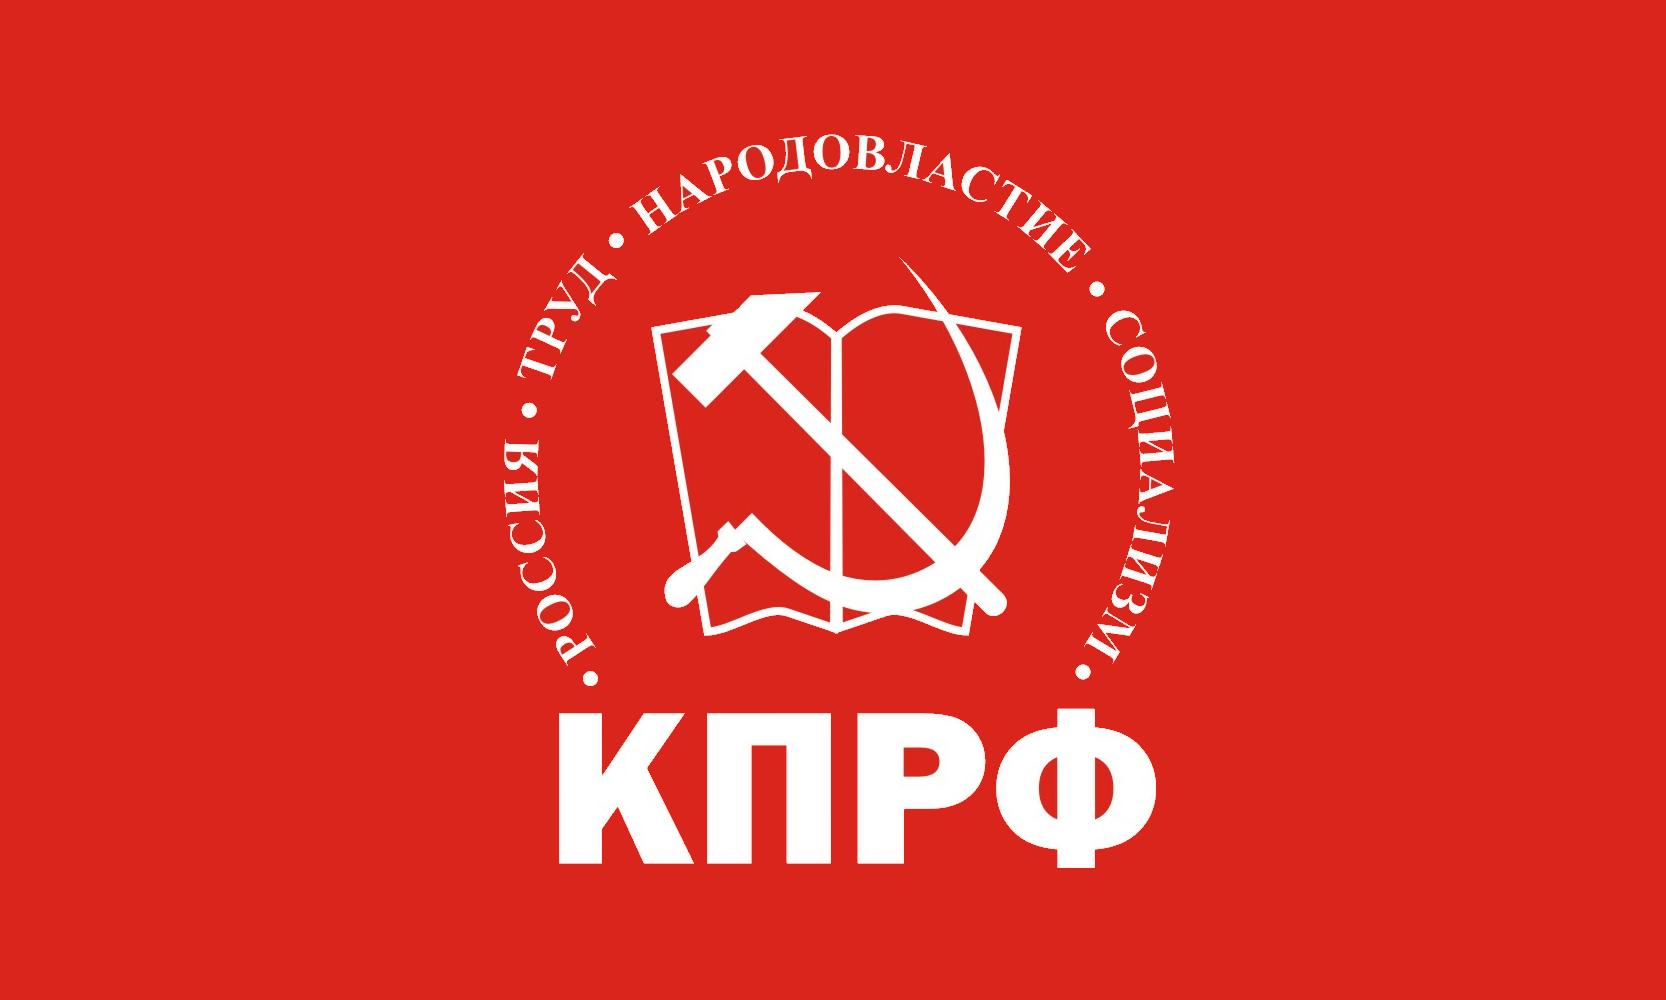 KPRF_Flag